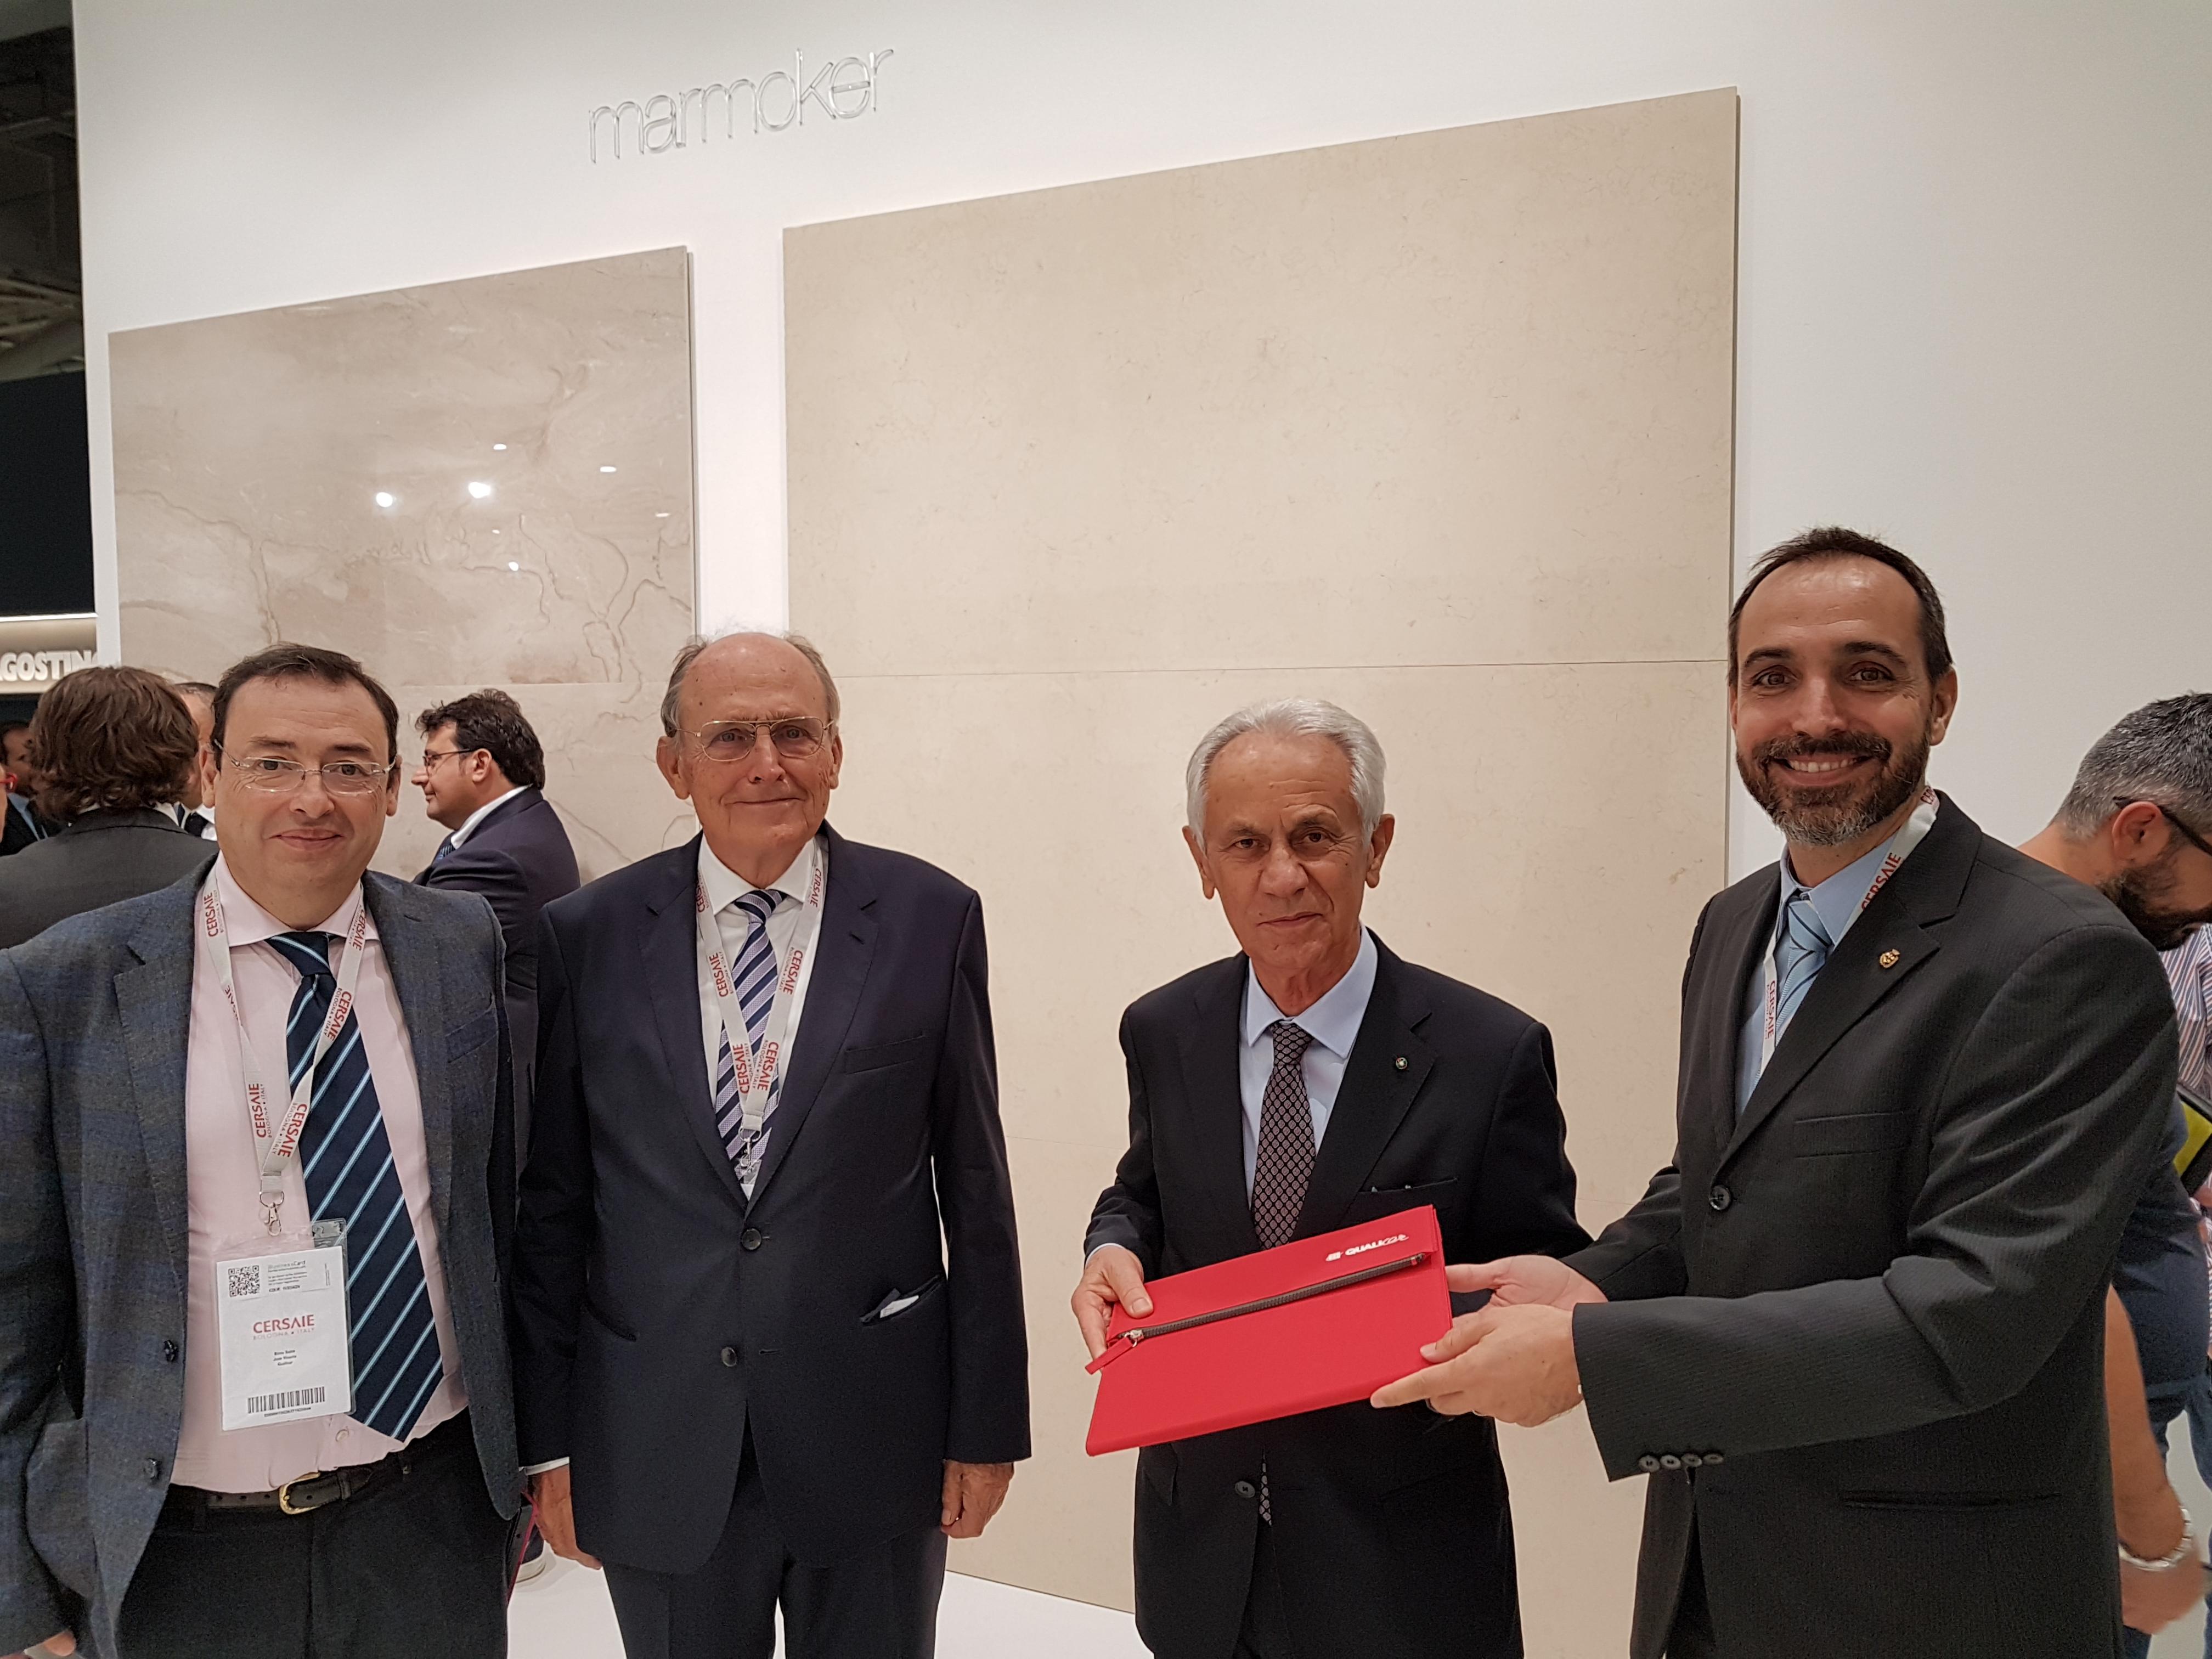 Franco Manfredini, Presidente de Casalgrande Padana, confirma su participación en Qualicer 18